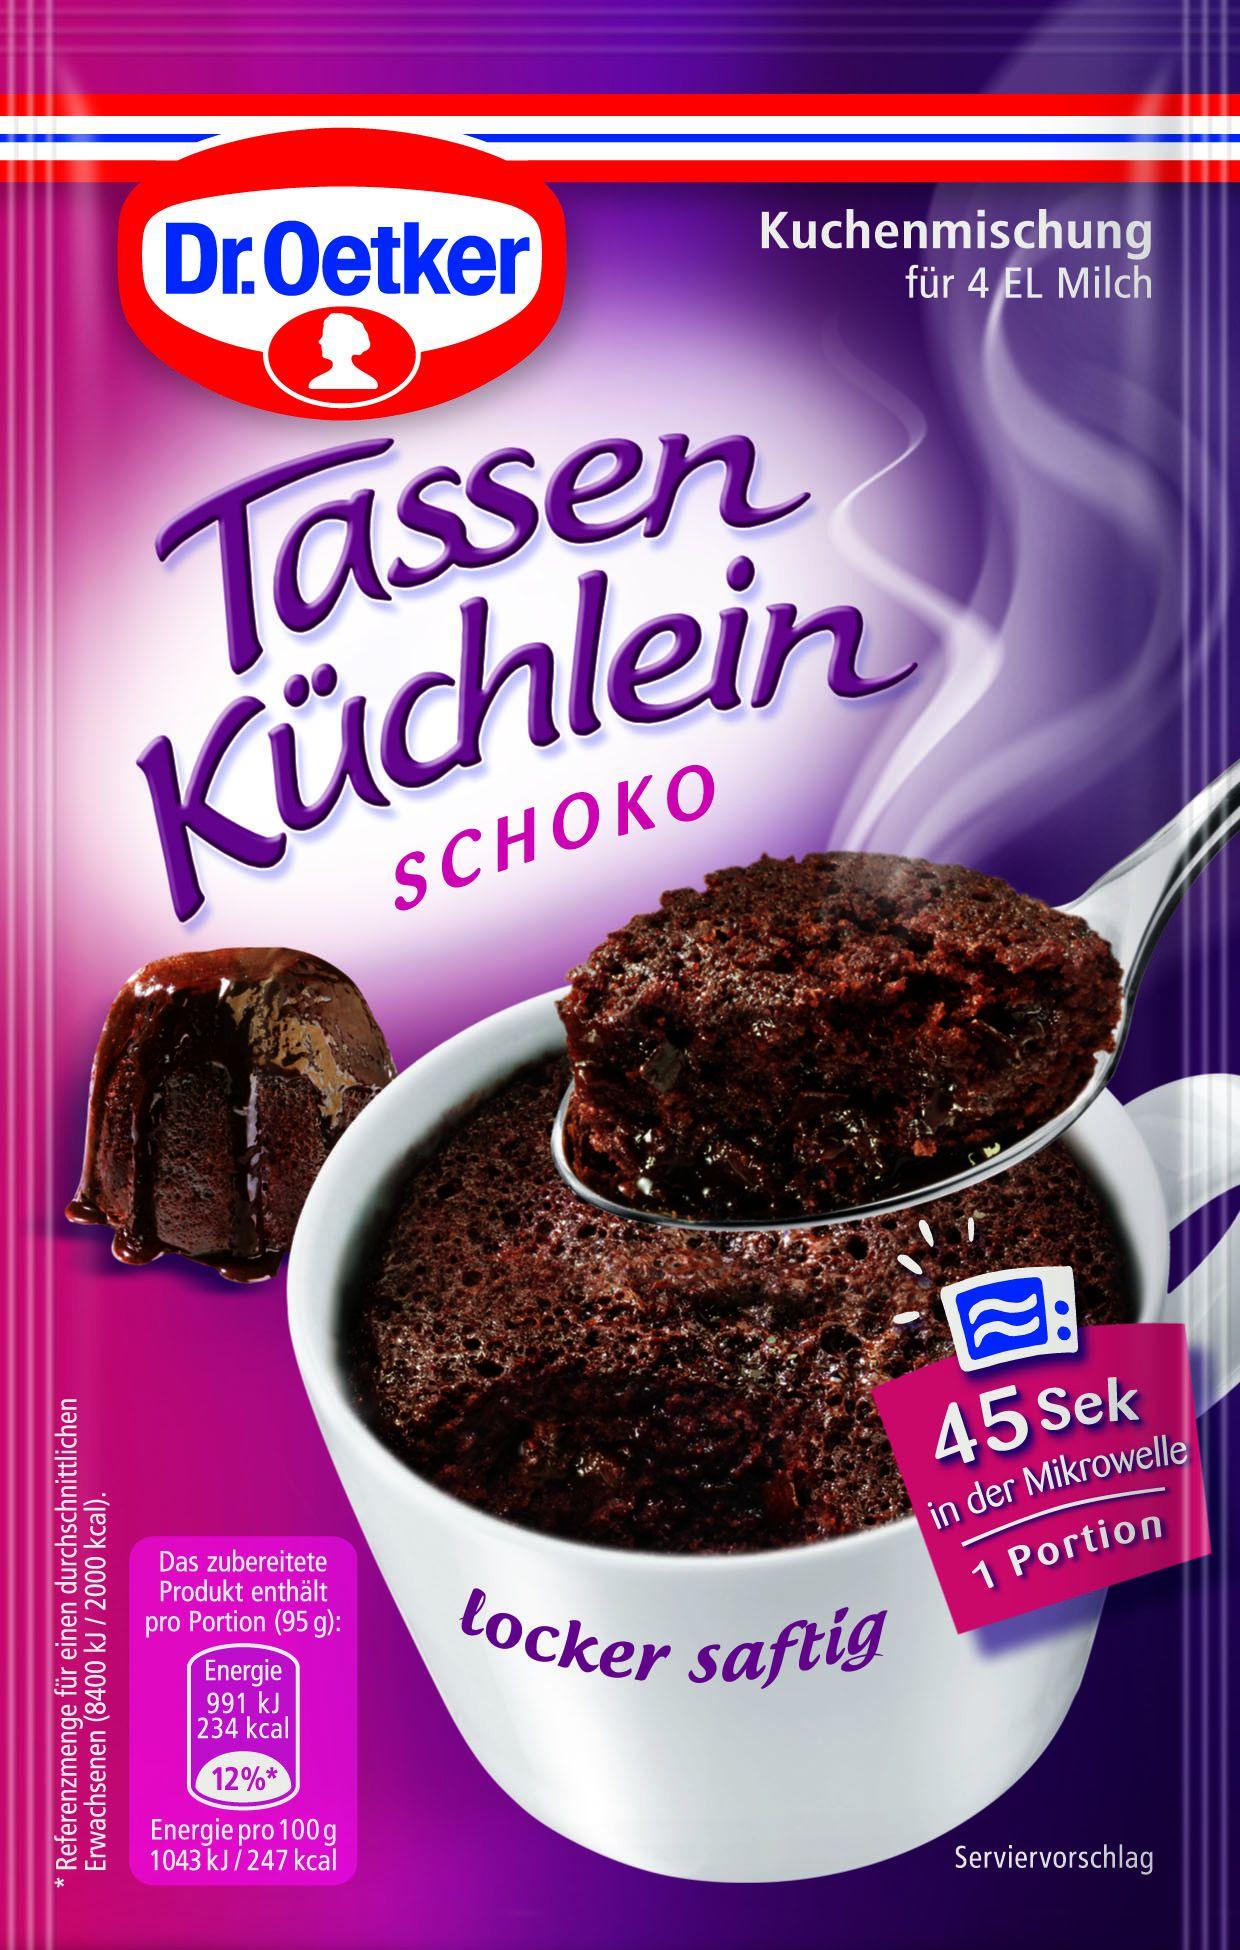 Dr Oetker Tassen Kuchlein Schoko Kjero Com